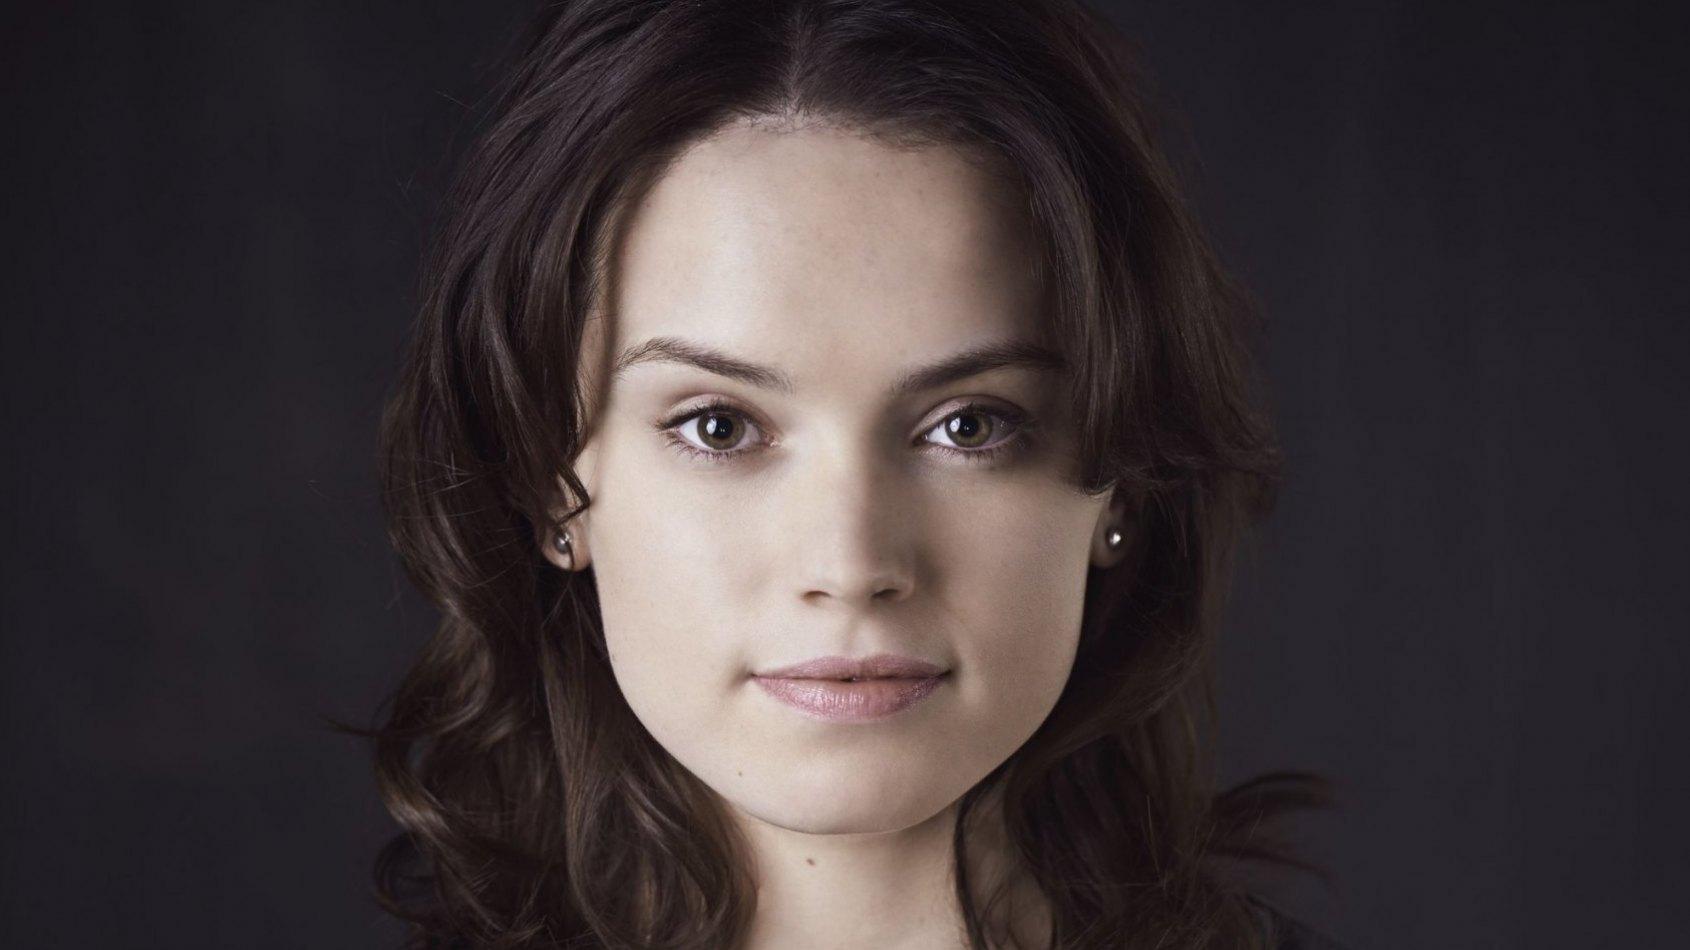 Daisy Ridley sera une présentatrice aux Oscars 2016 !